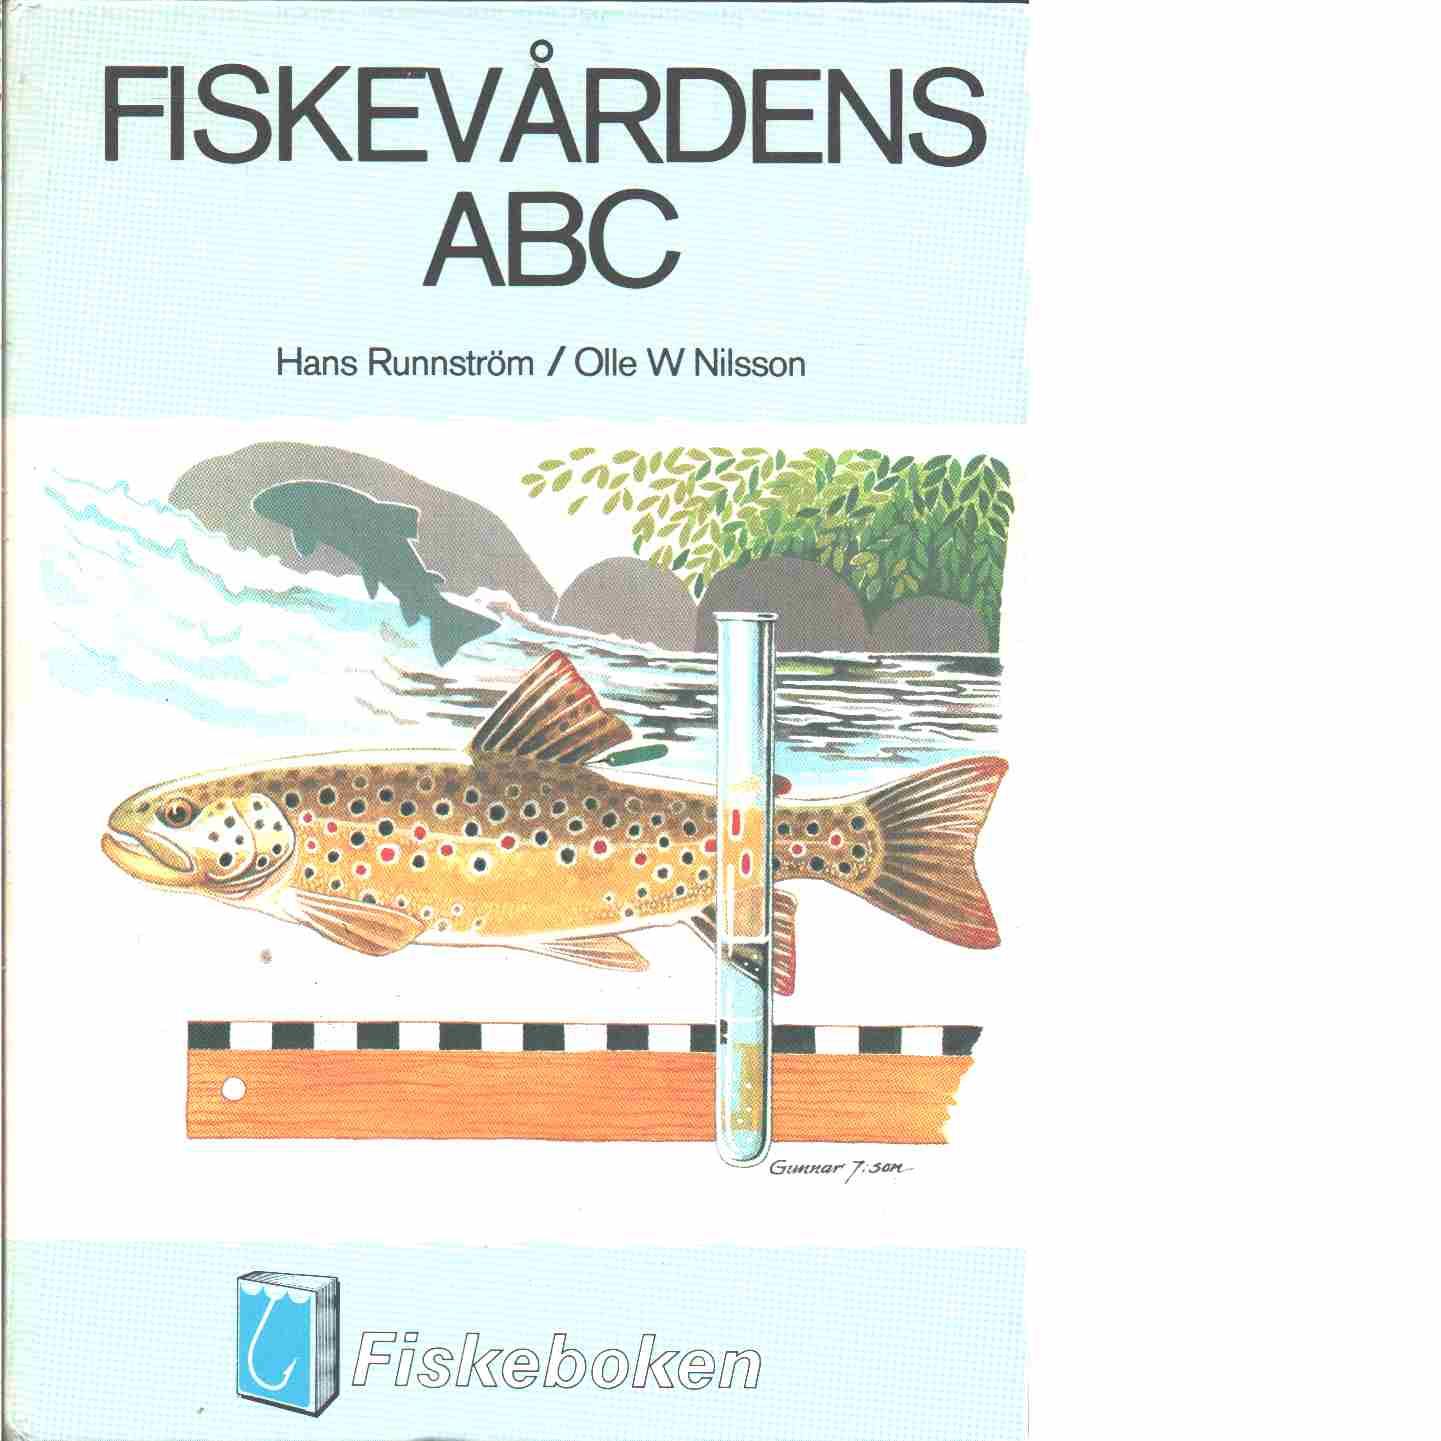 Fiskevårdens ABC  - Runnström, Hans och Nilsson, Olle W.